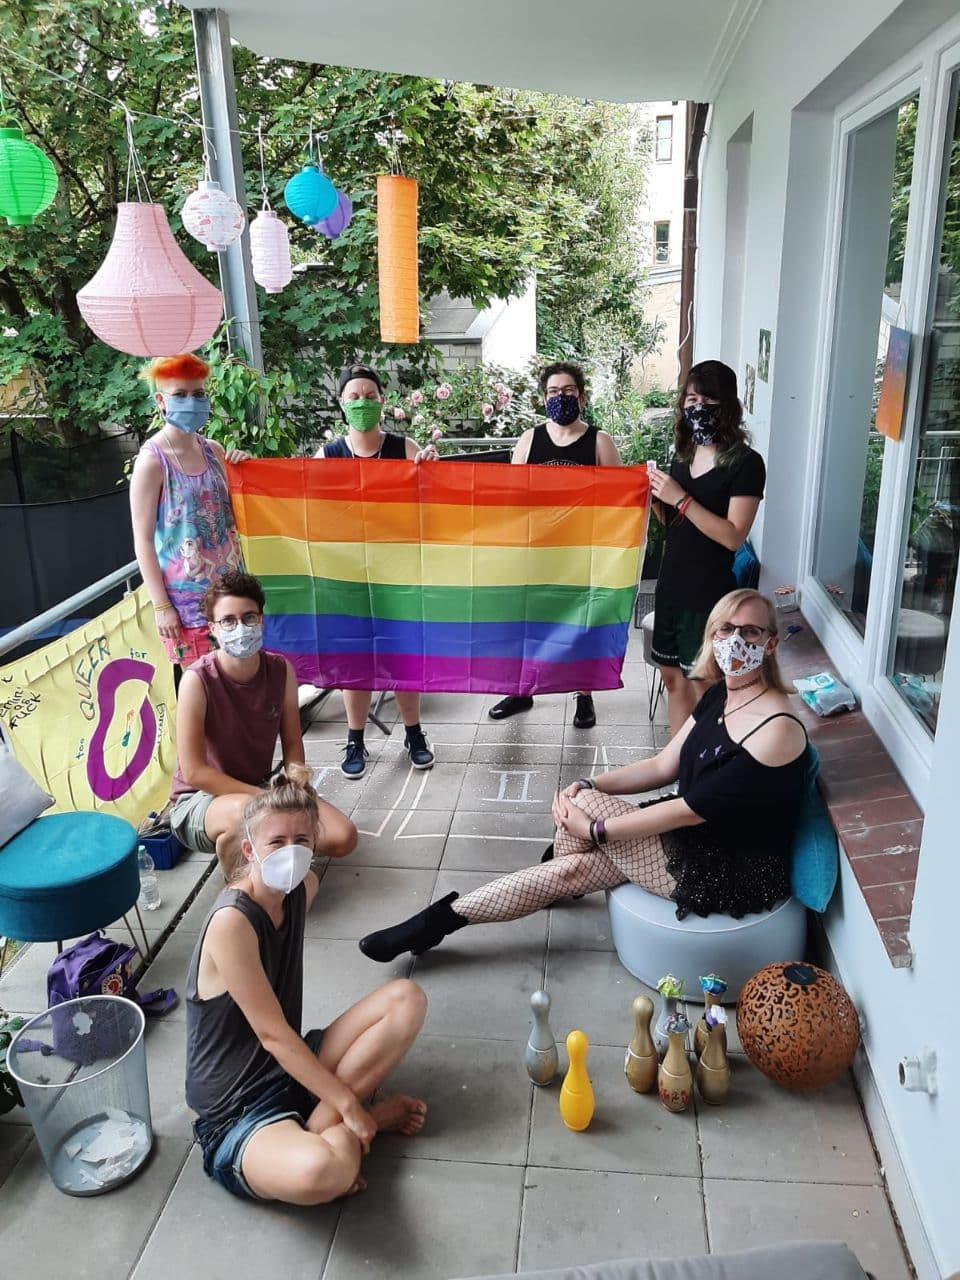 Auf dem Bild sieht man mehrere Jugendliche mit Masken die eine Regenbogenflagge halten